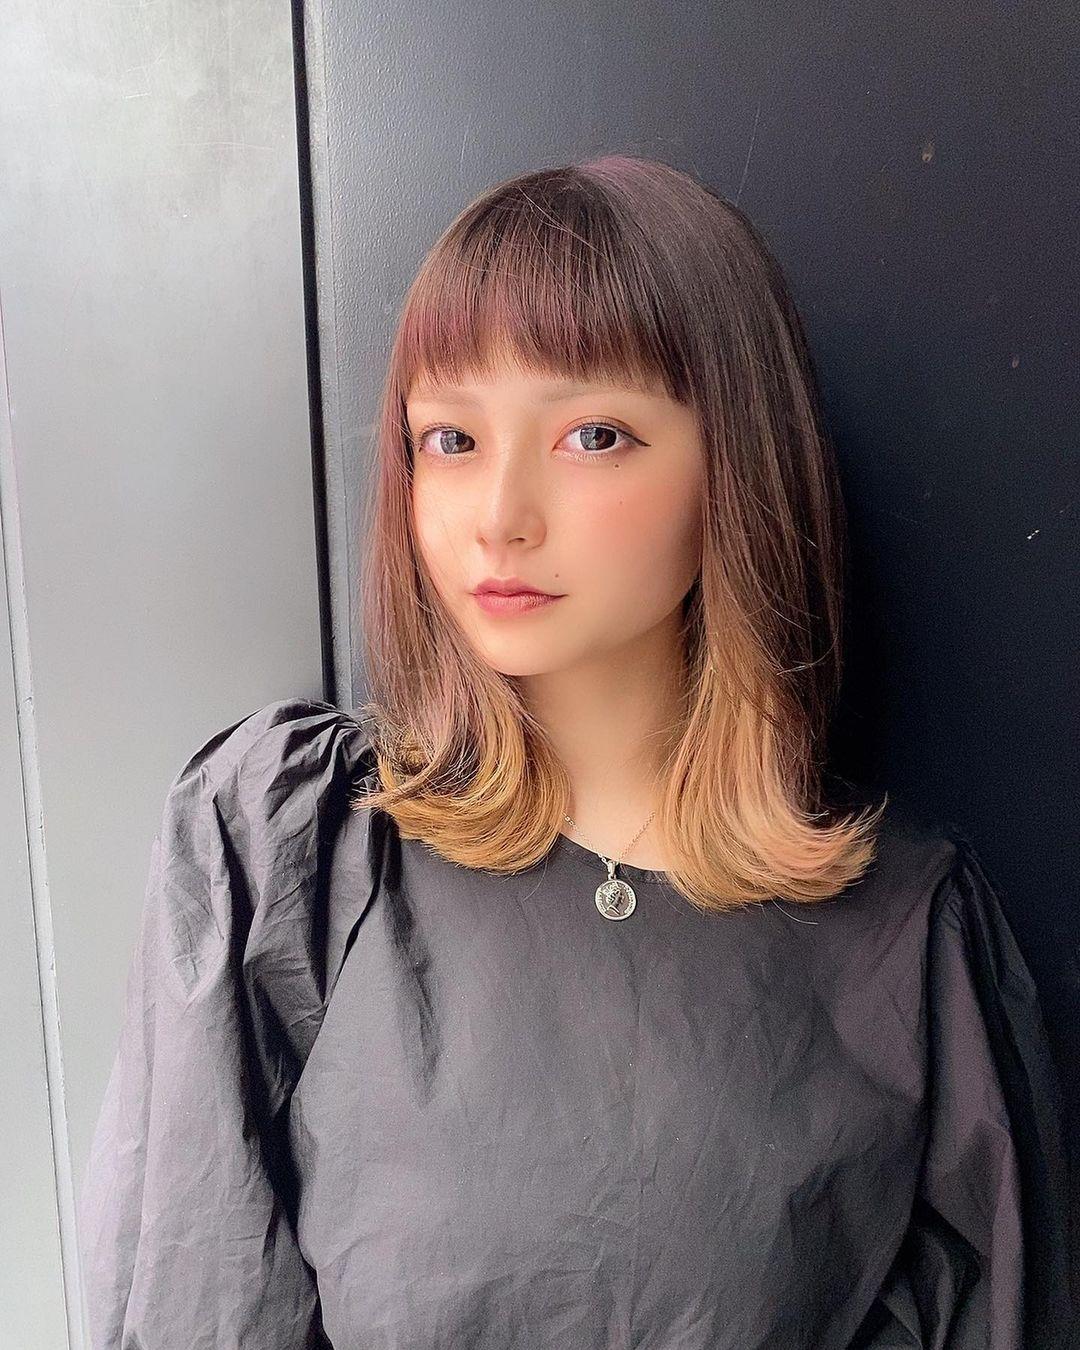 今年刚高中毕业 18 岁美少女樱井音乃身材整个无敌 网络美女 第9张